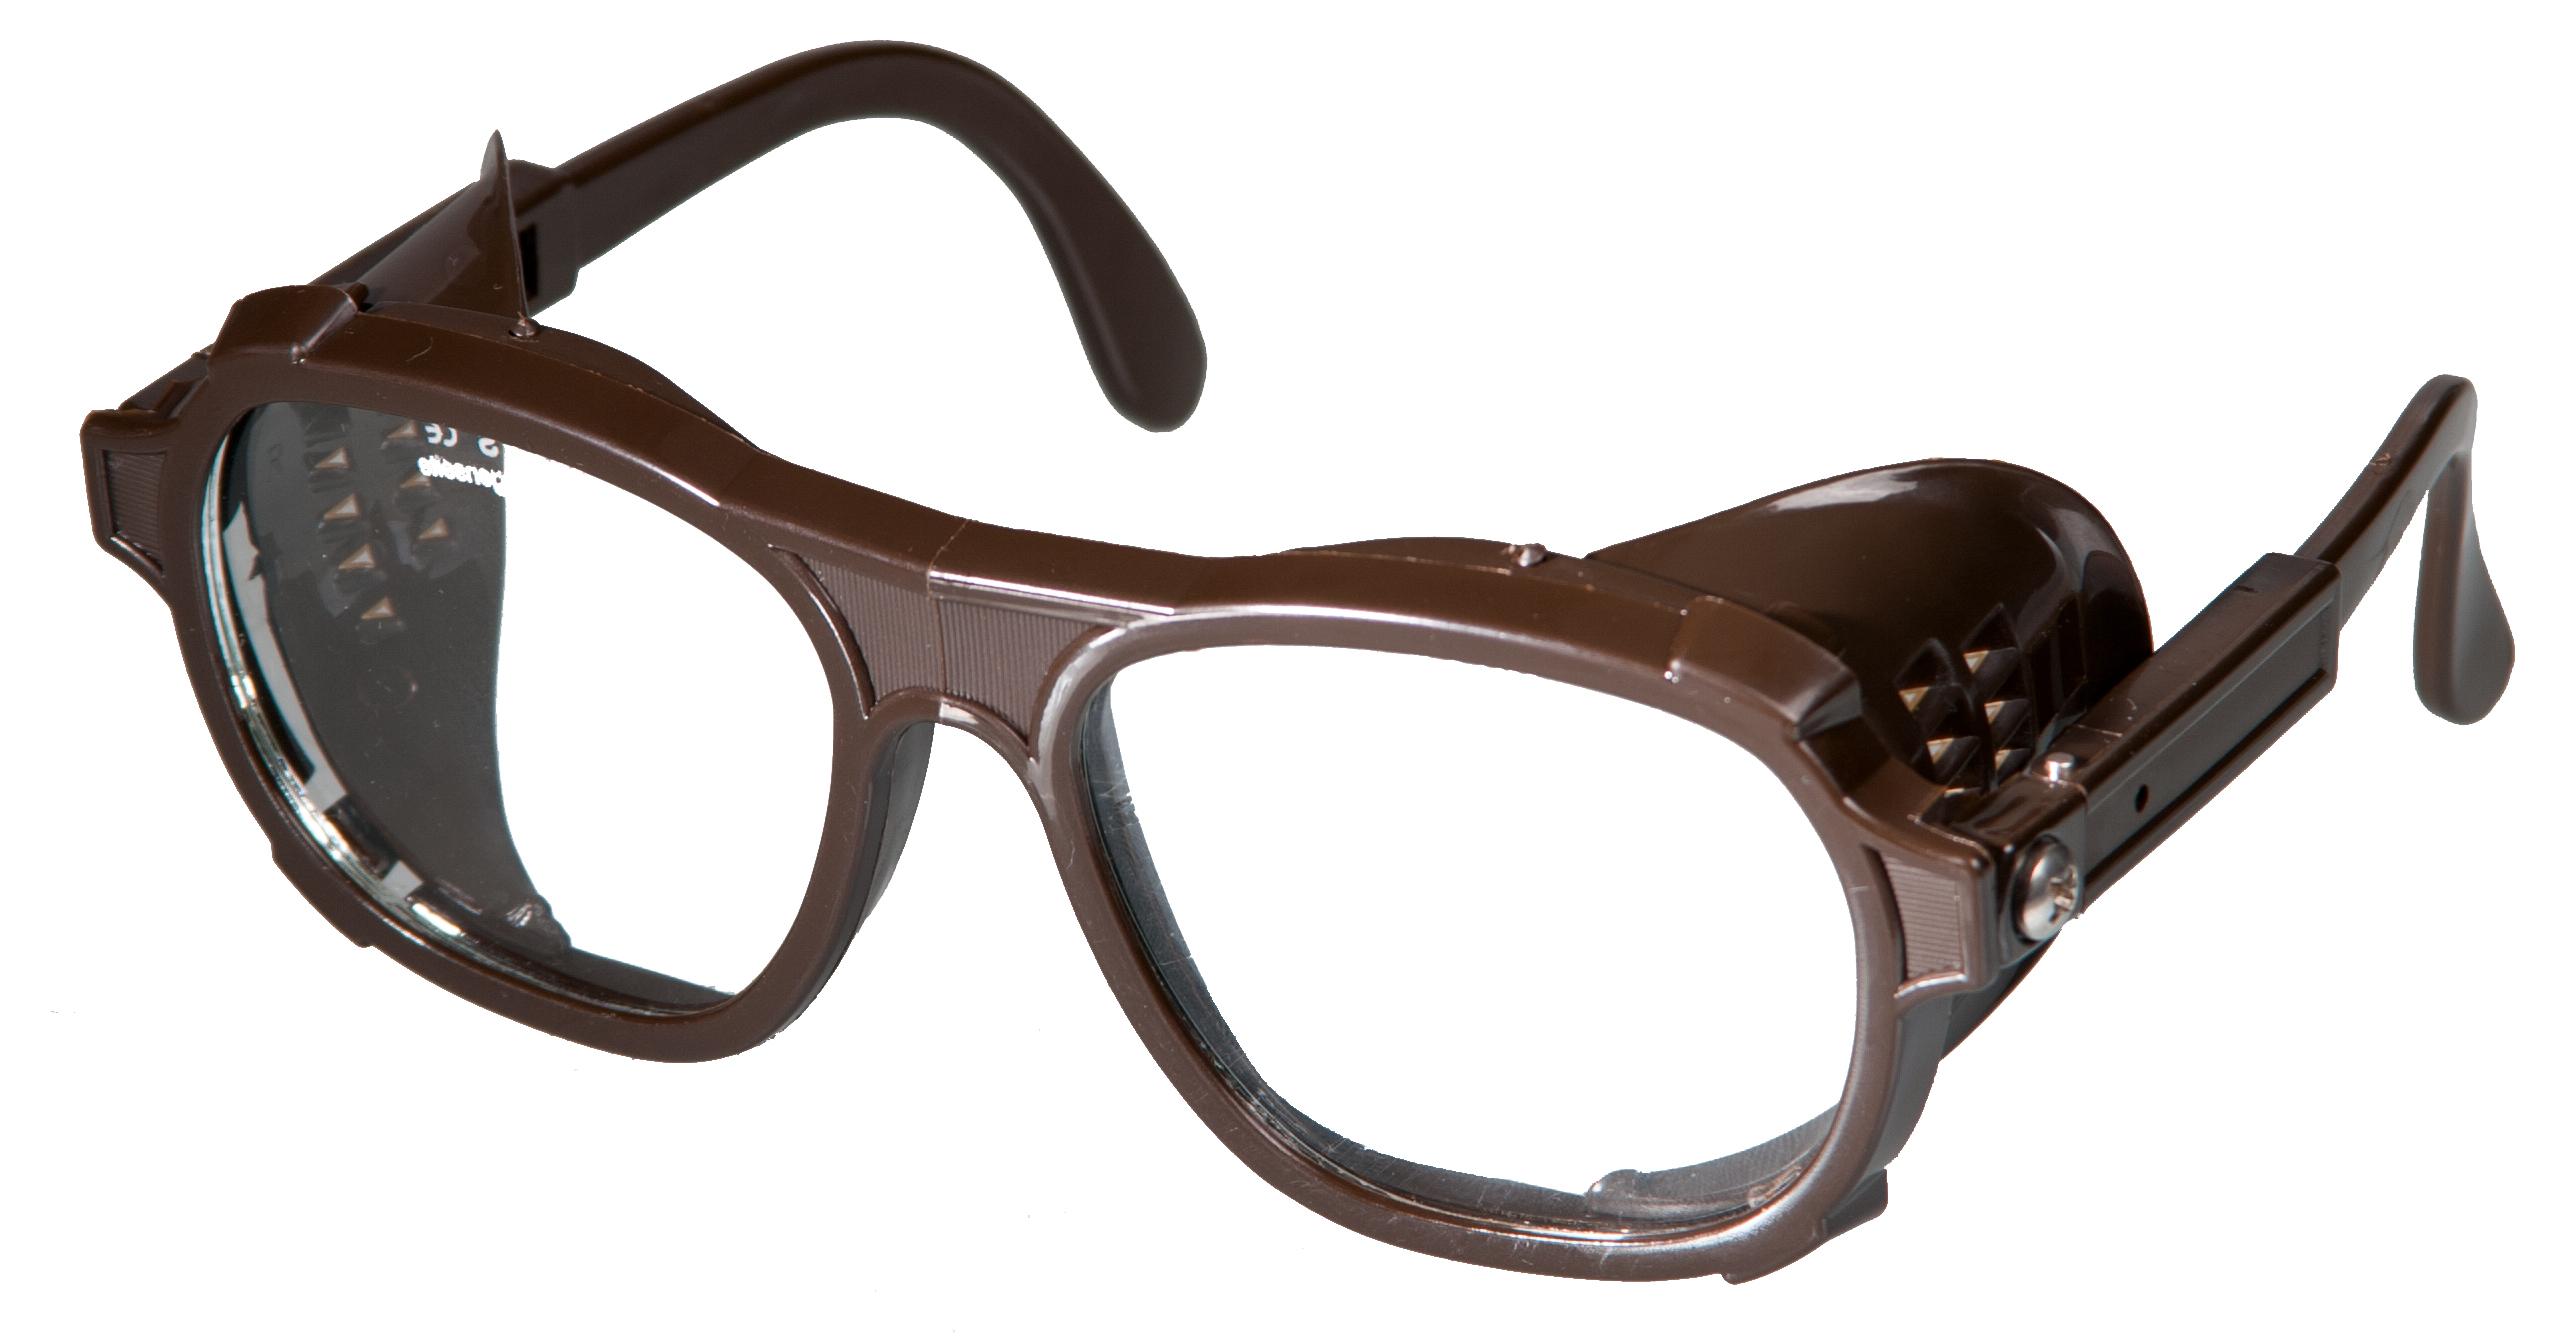 Schutzbrille Nylon Glas braun